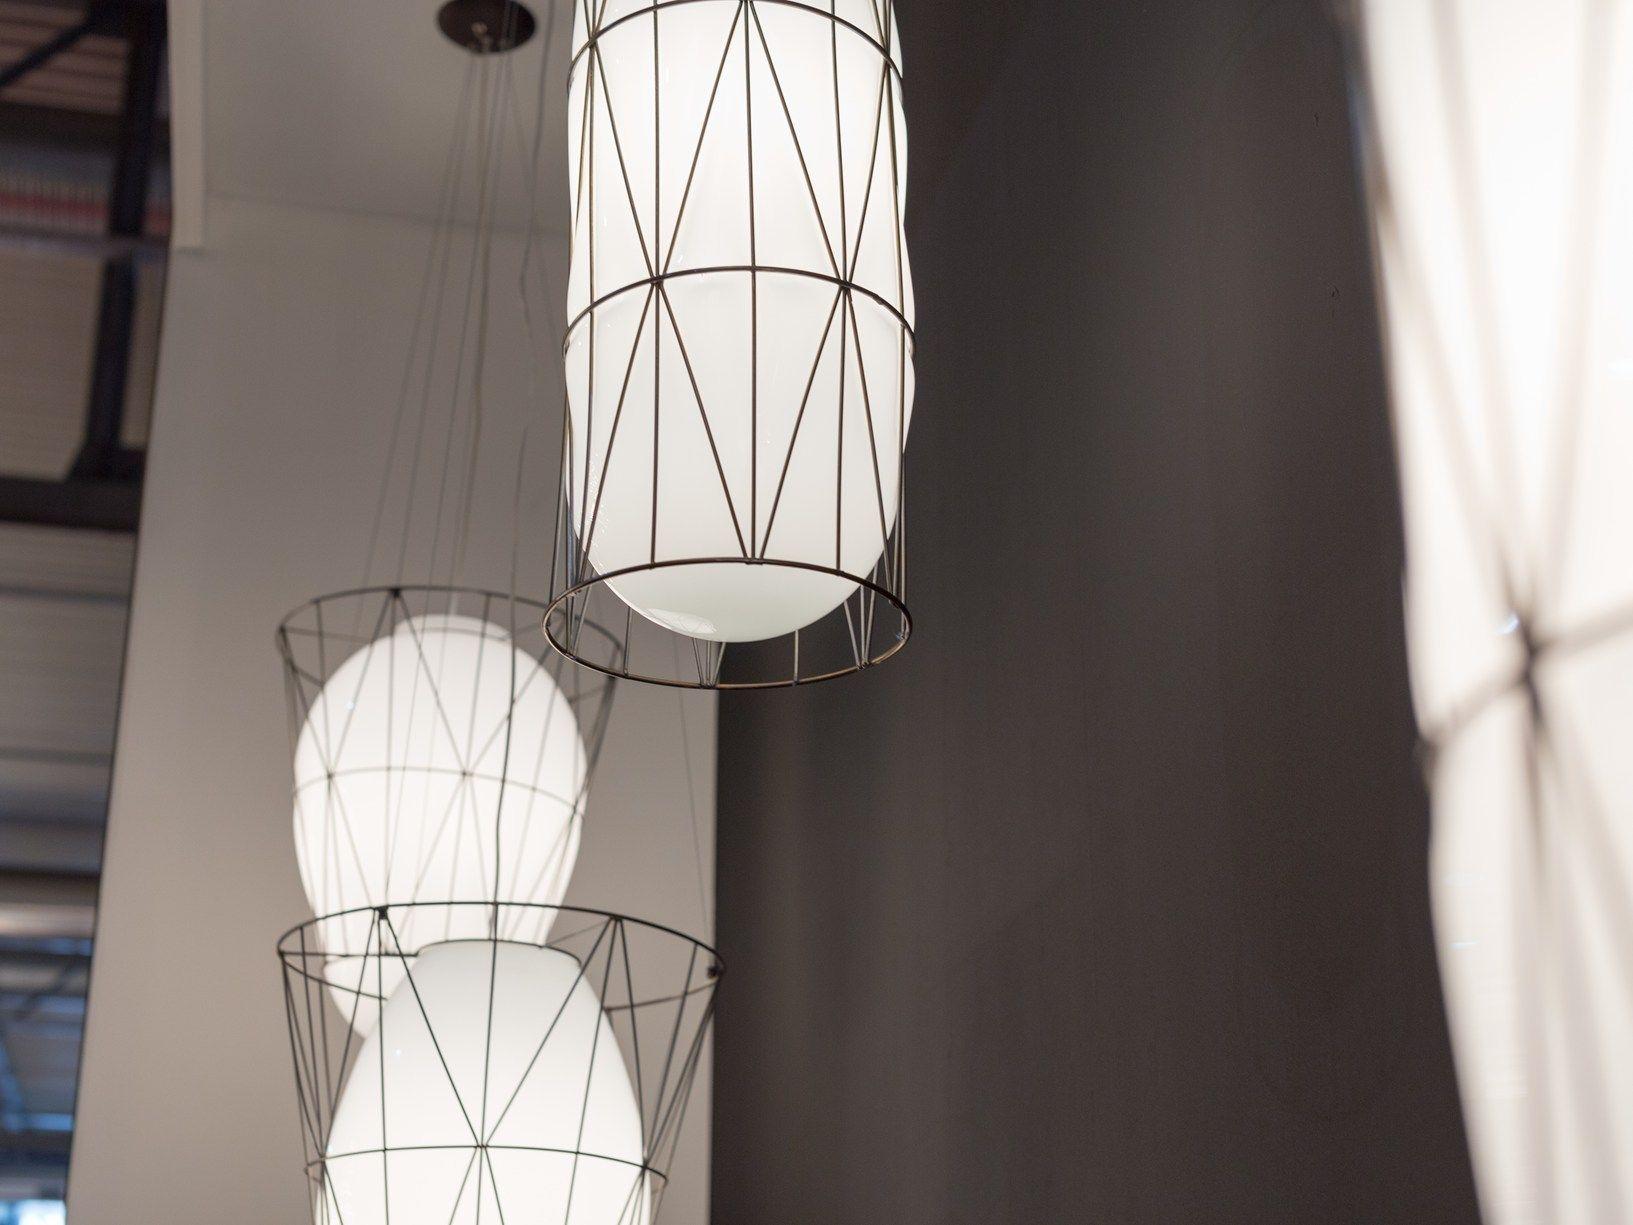 Lampade In Vetro Soffiato : La luce in equilibrio tra metallo e vetro soffiato